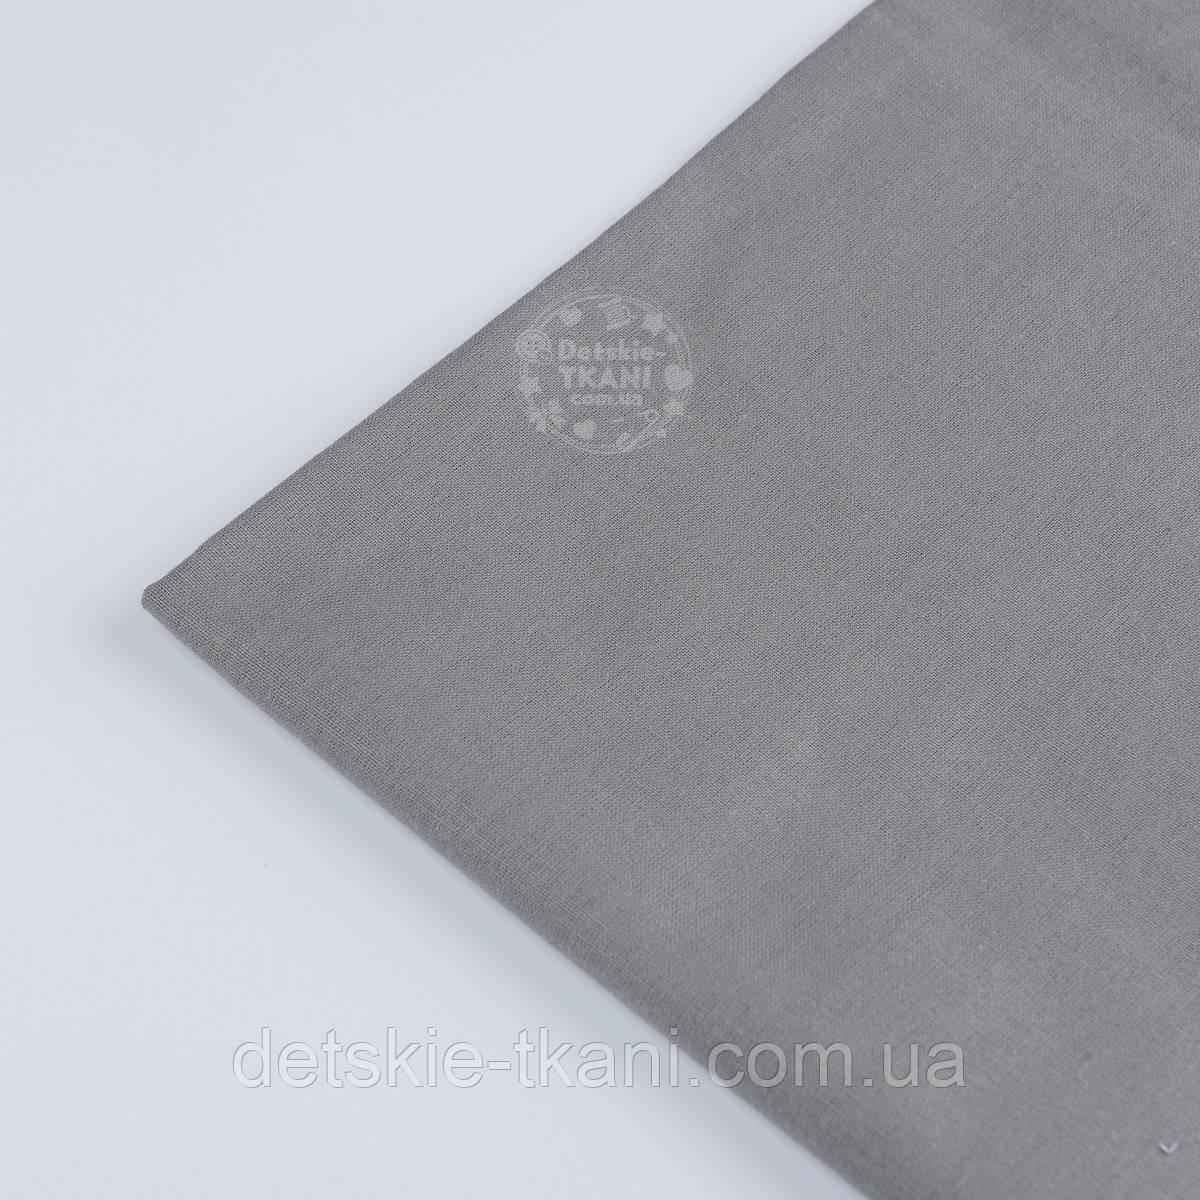 Лоскут ткани №152 однотонная  бязь графитового цвета